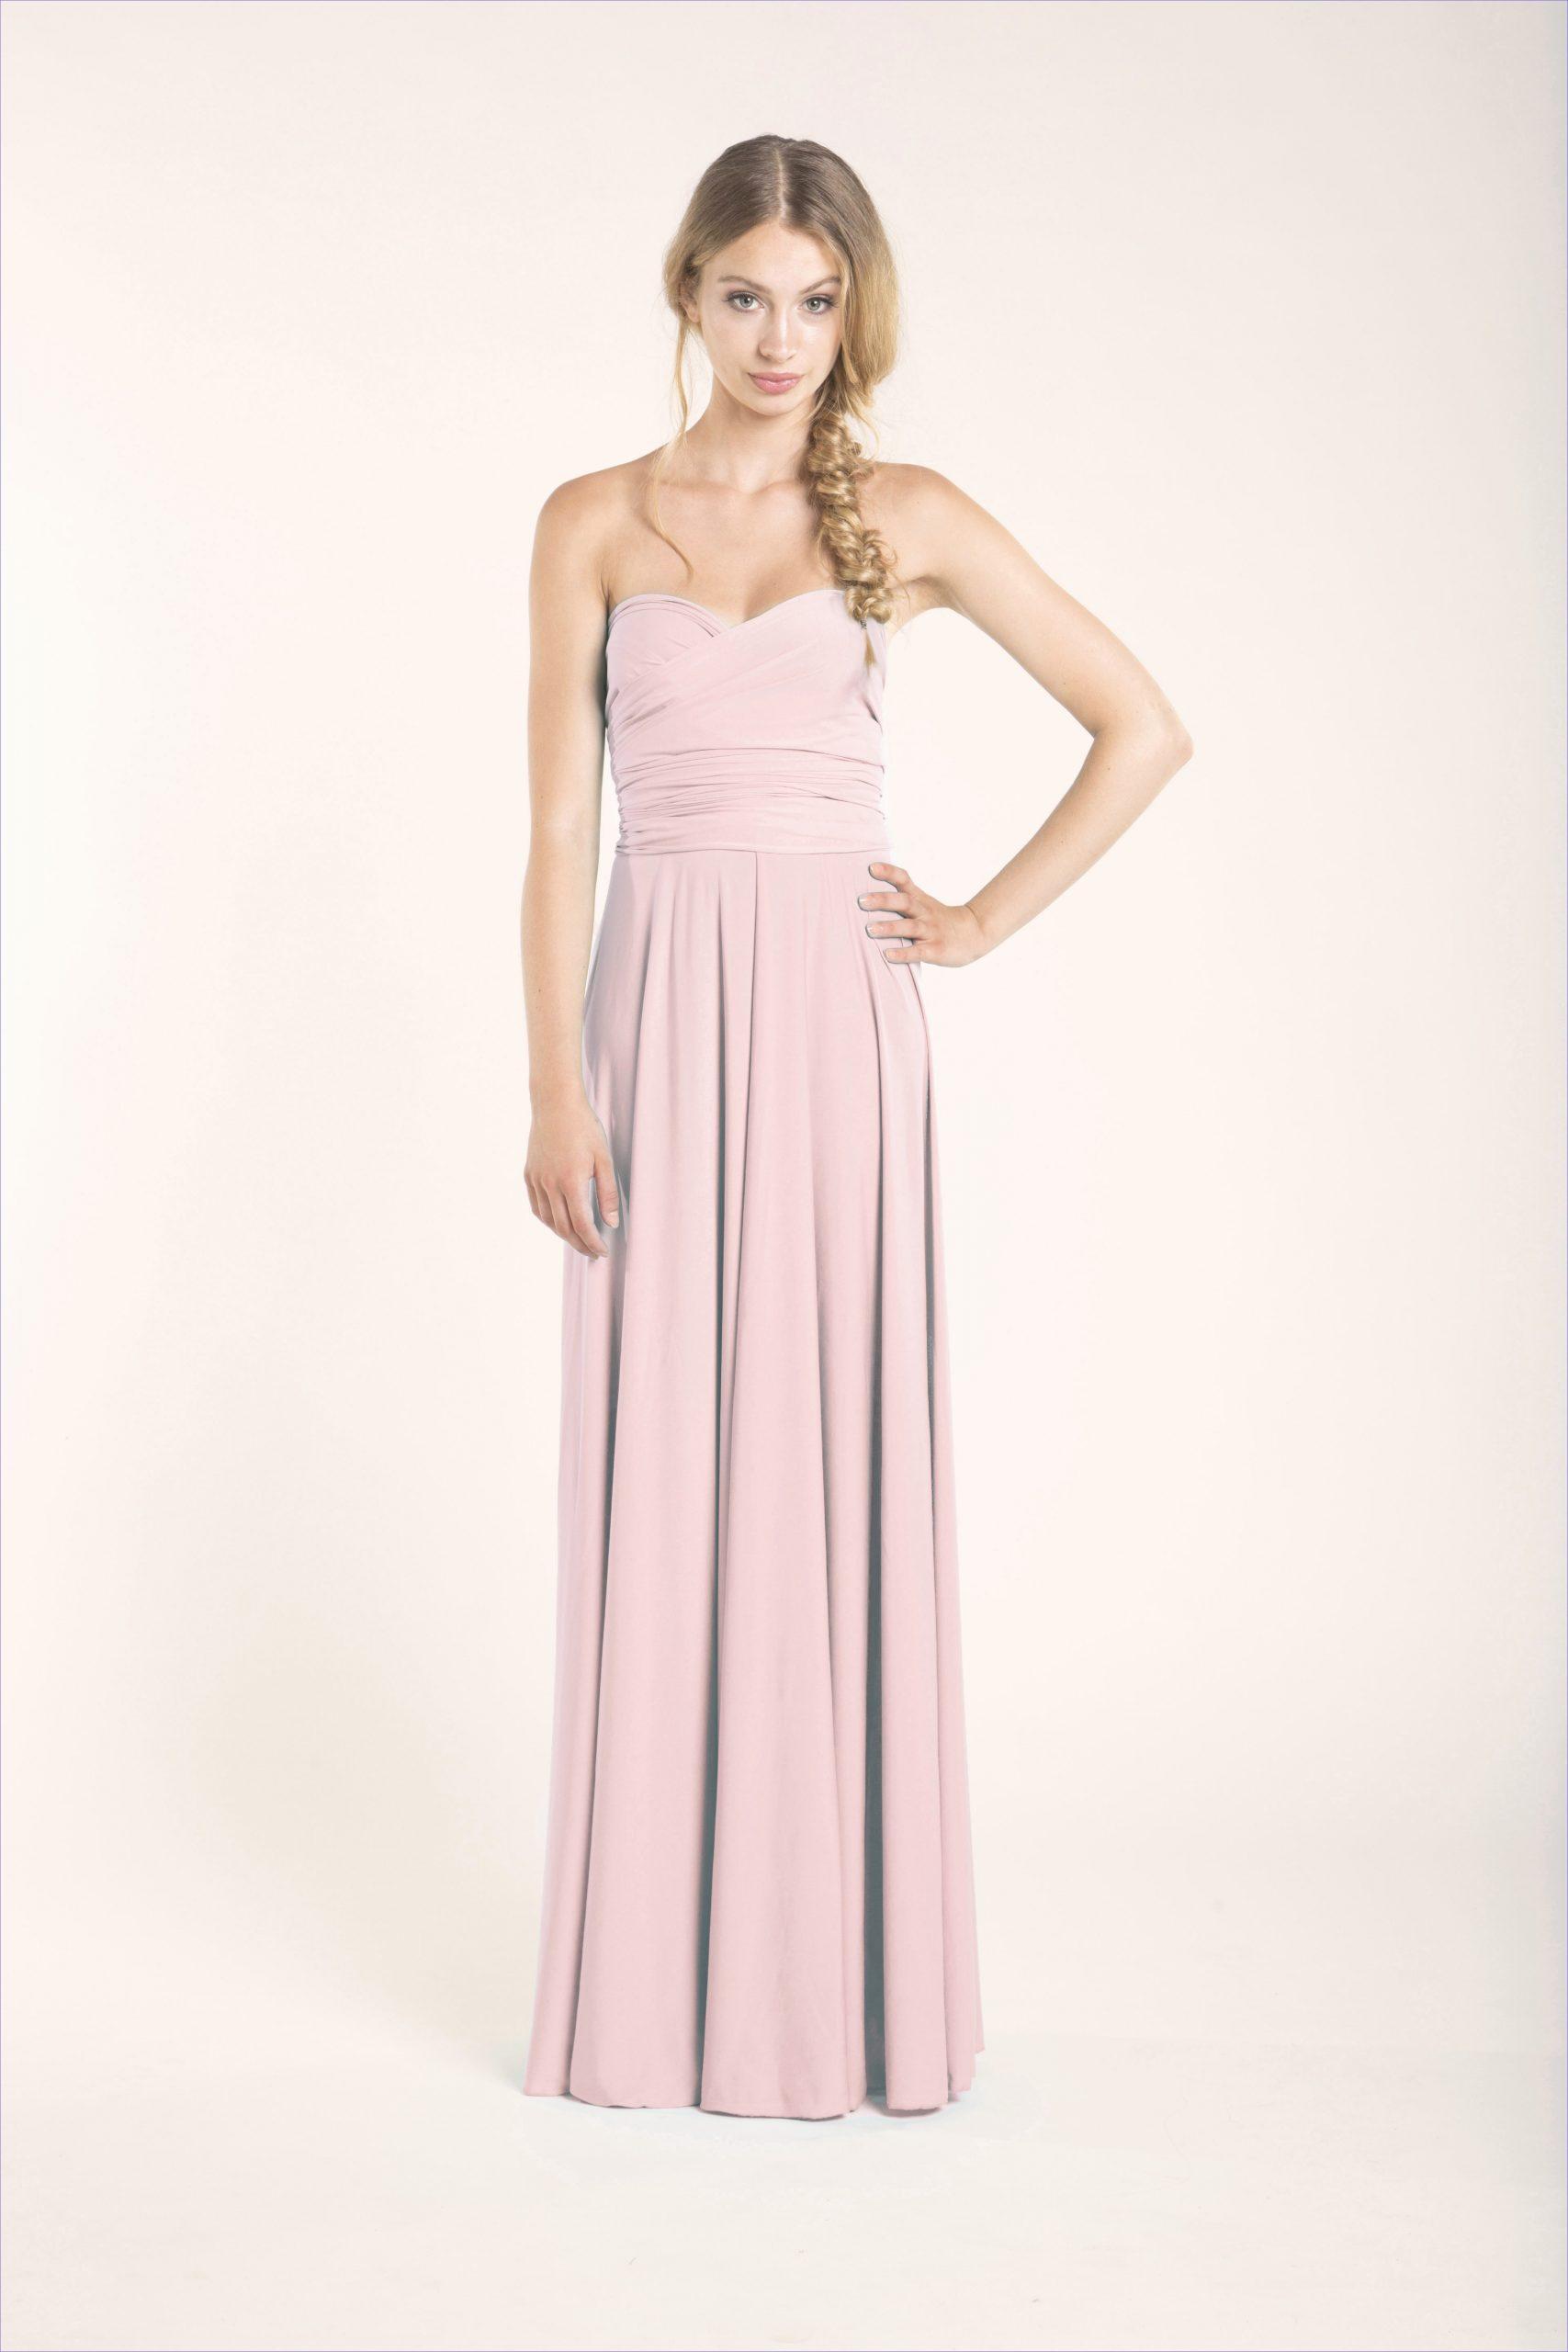 Die 20 Besten Ideen Für Pastell Kleid Hochzeit  Beste